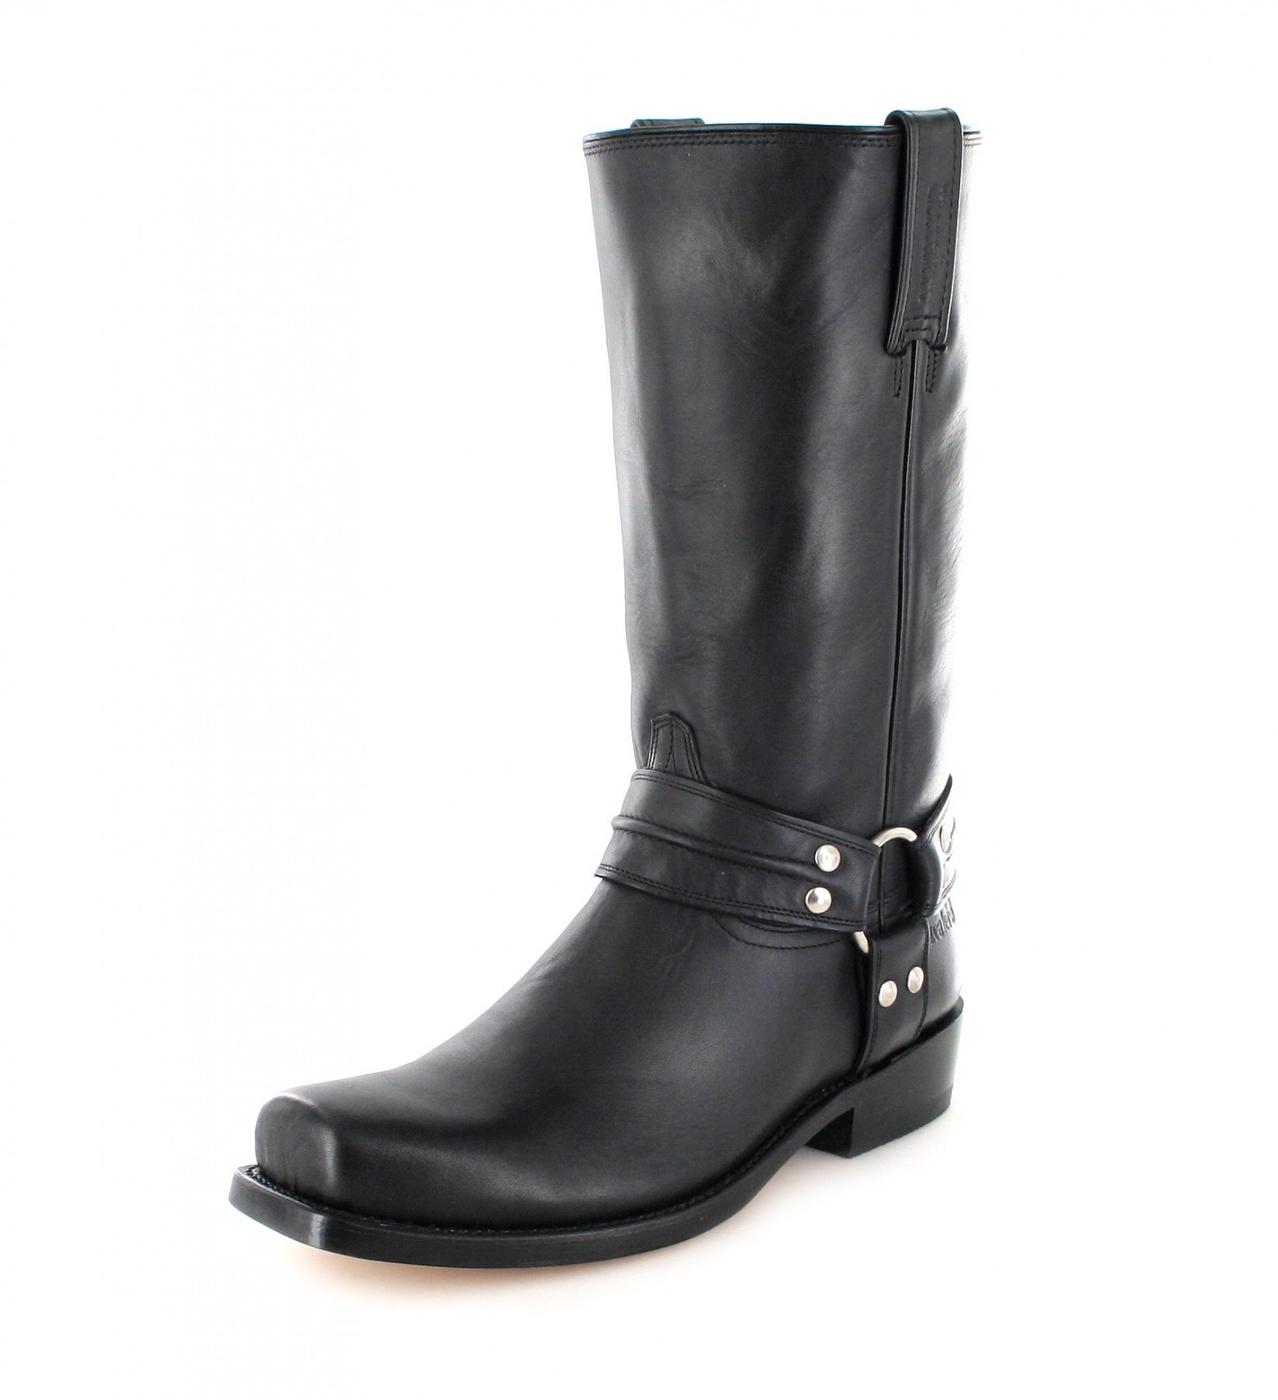 Mezcalero Boots TULSA 0539 Black biker boot - black